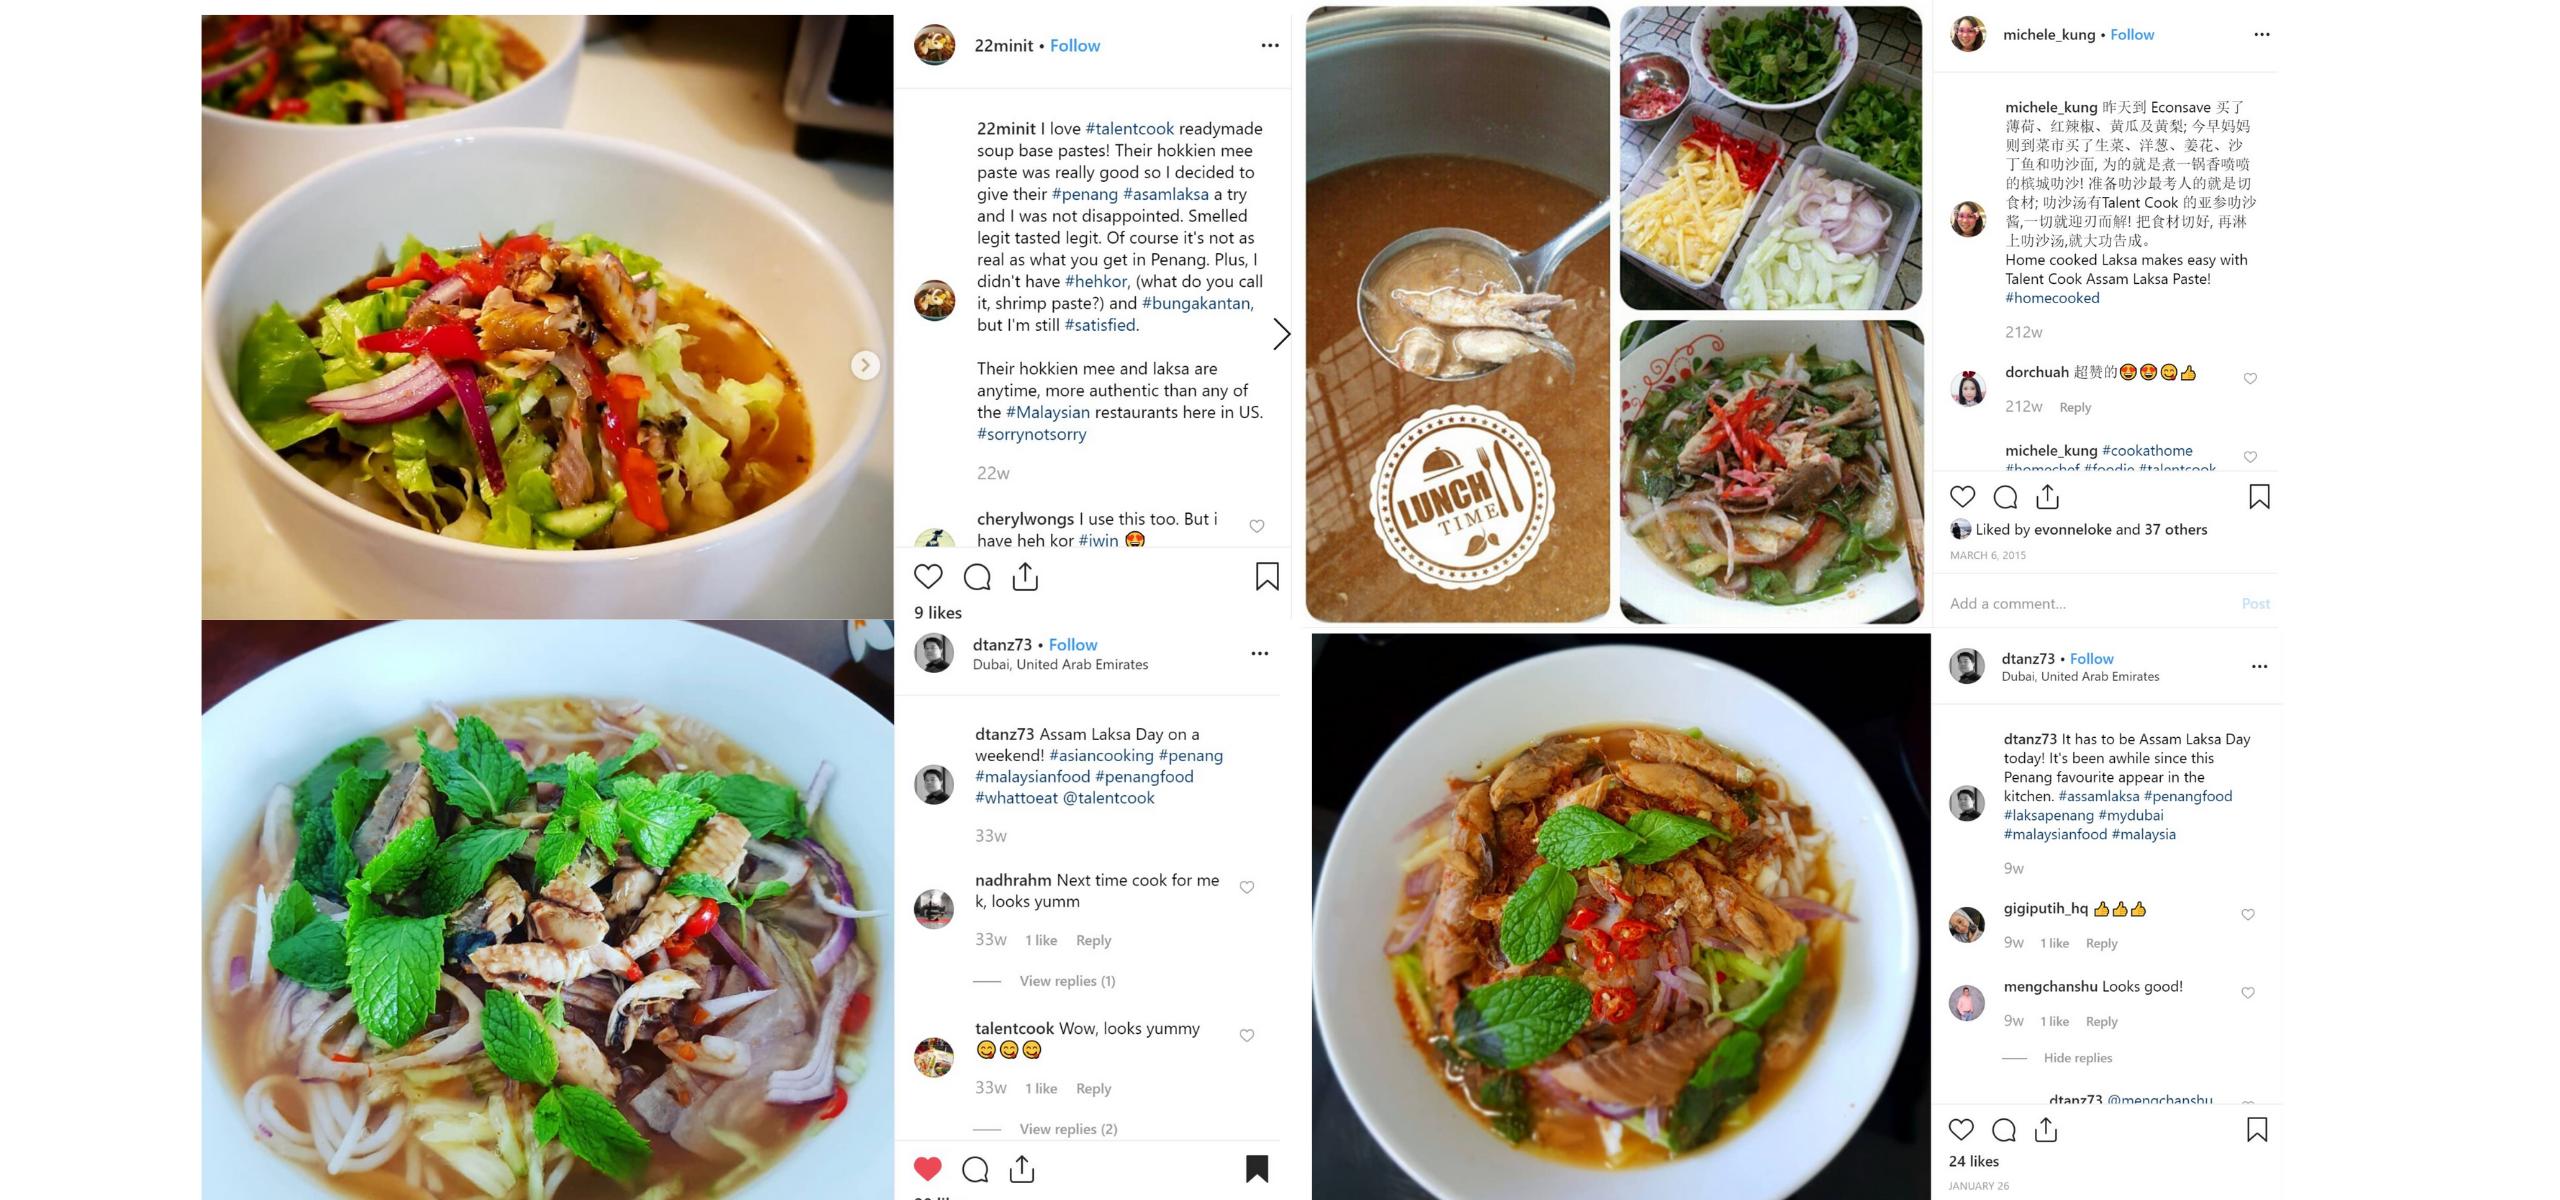 TALENTCOOK Penang Local Delicacies D.I.Y Sauce - Thank You!